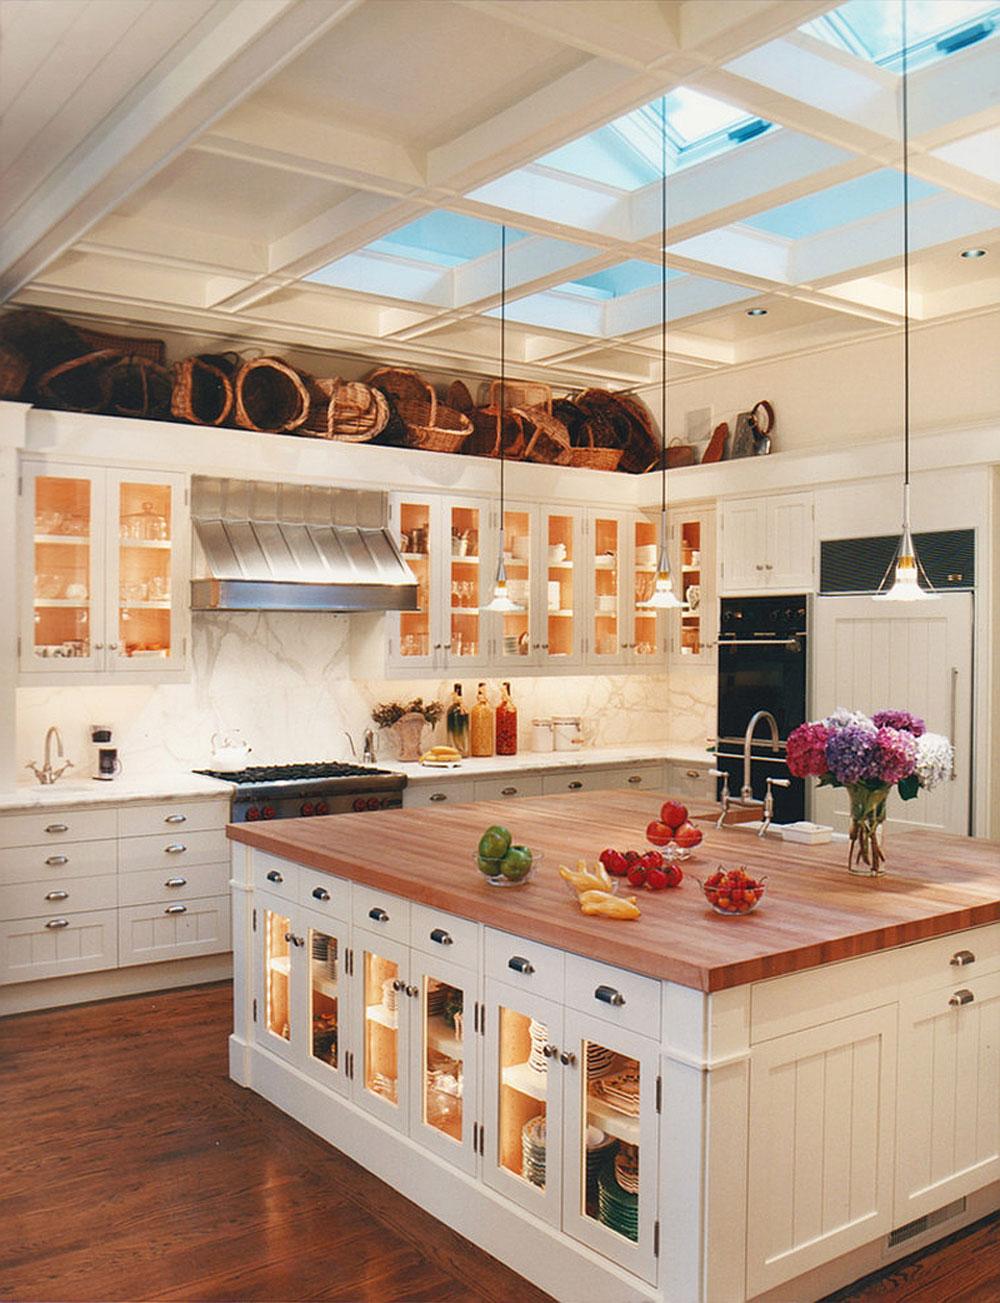 Kök med takfönster för mer naturligt ljus 5 kök med takfönster för mer naturligt ljus